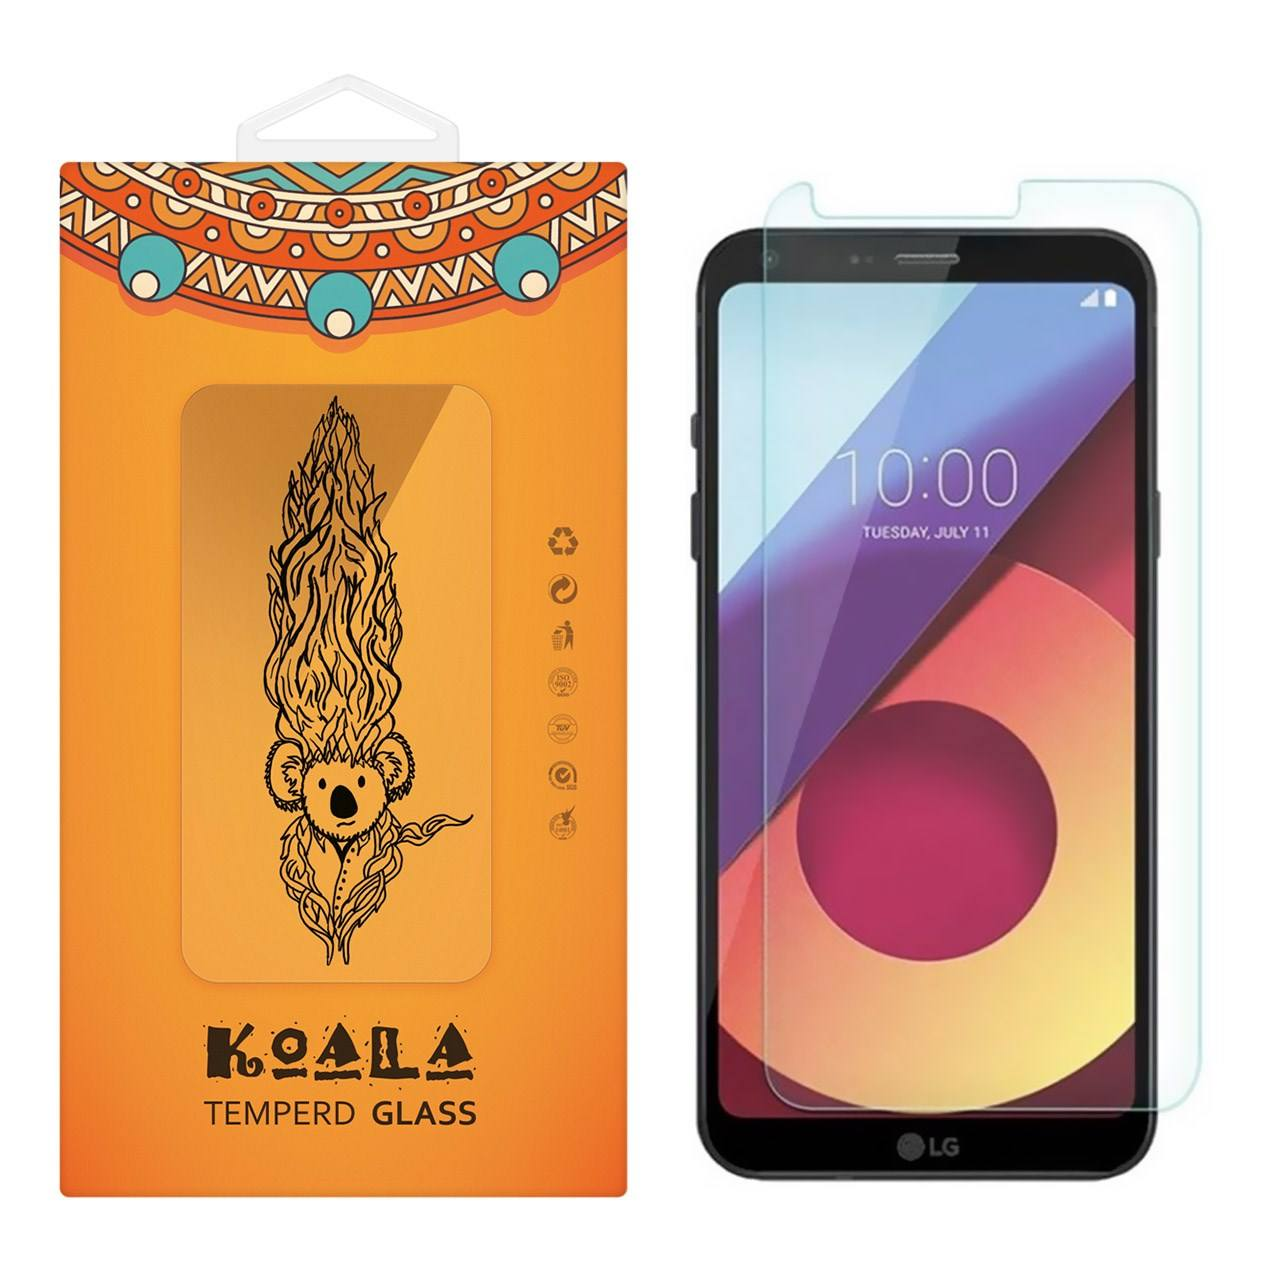 محافظ صفحه نمایش شیشه ای کوالا مدل Tempered مناسب برای گوشی موبایل ال جی Q6